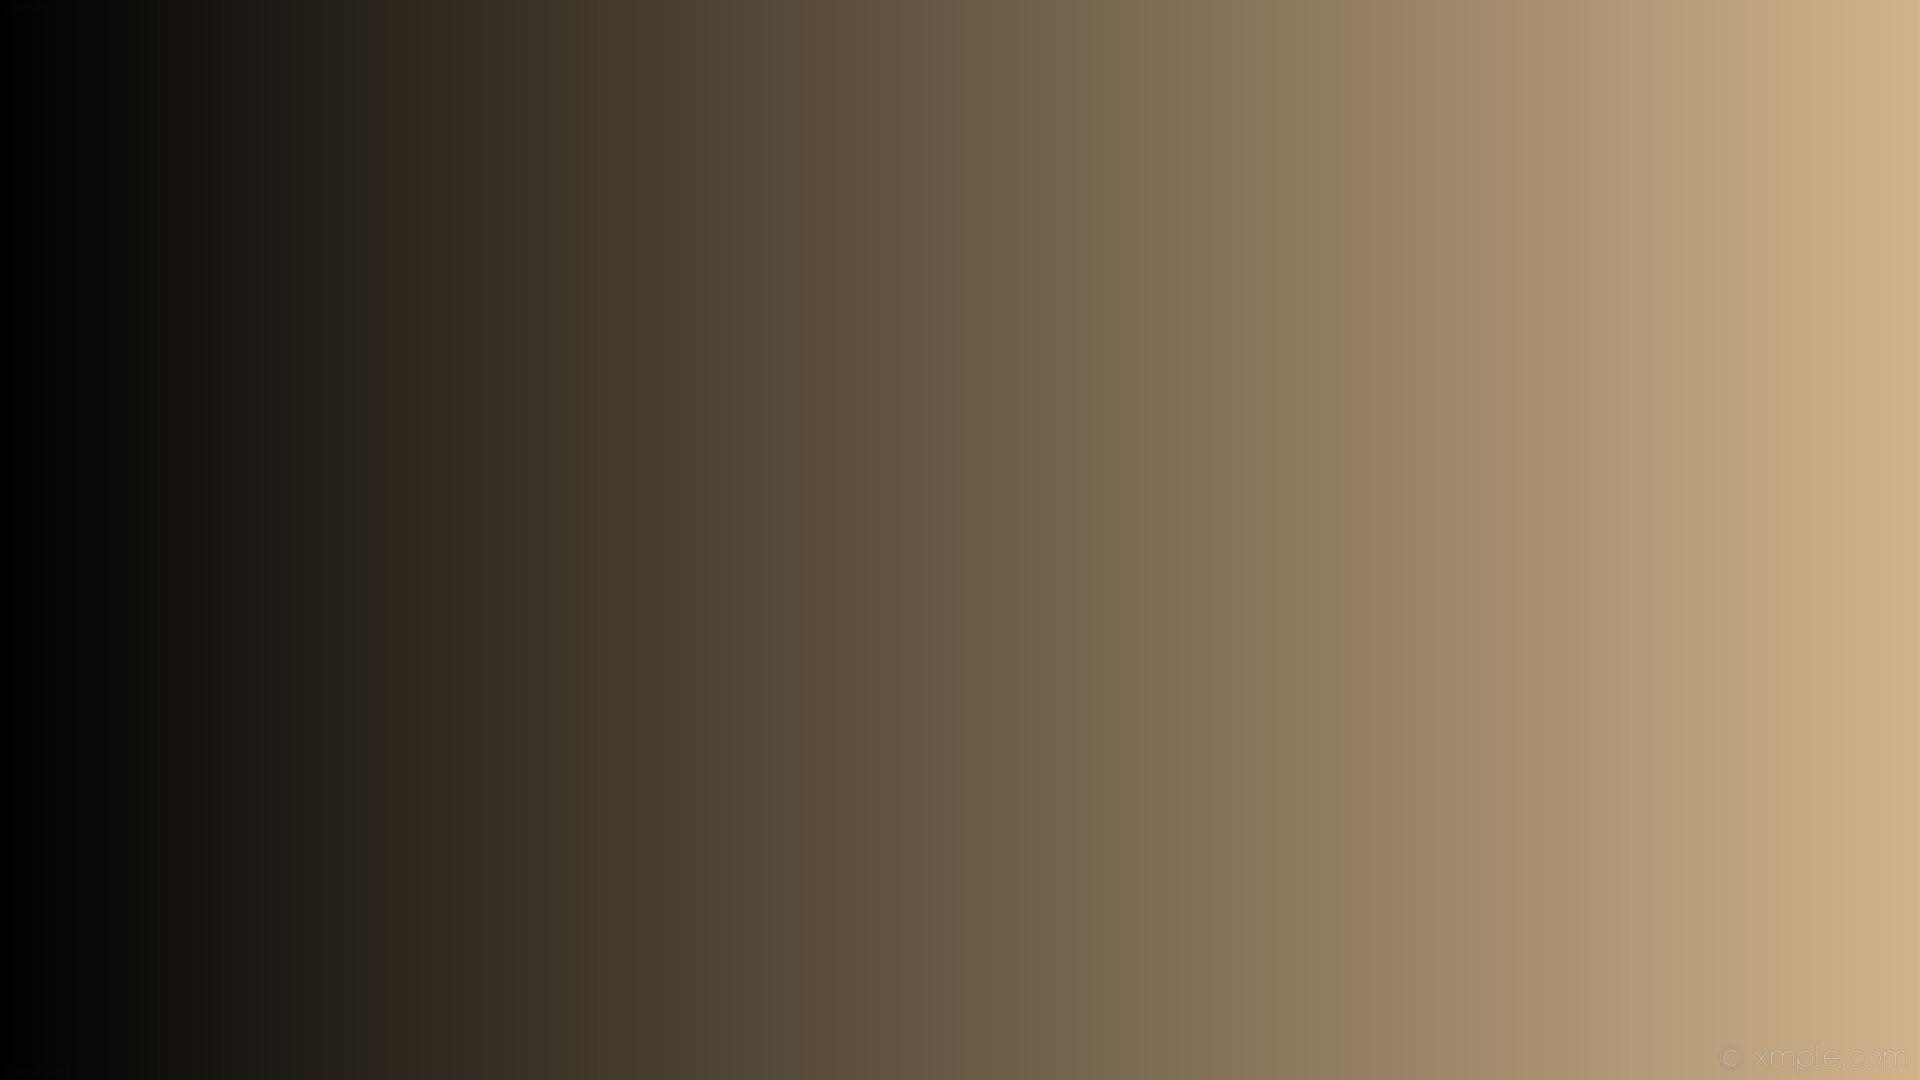 wallpaper brown black gradient linear tan #d2b48c #000000 0°